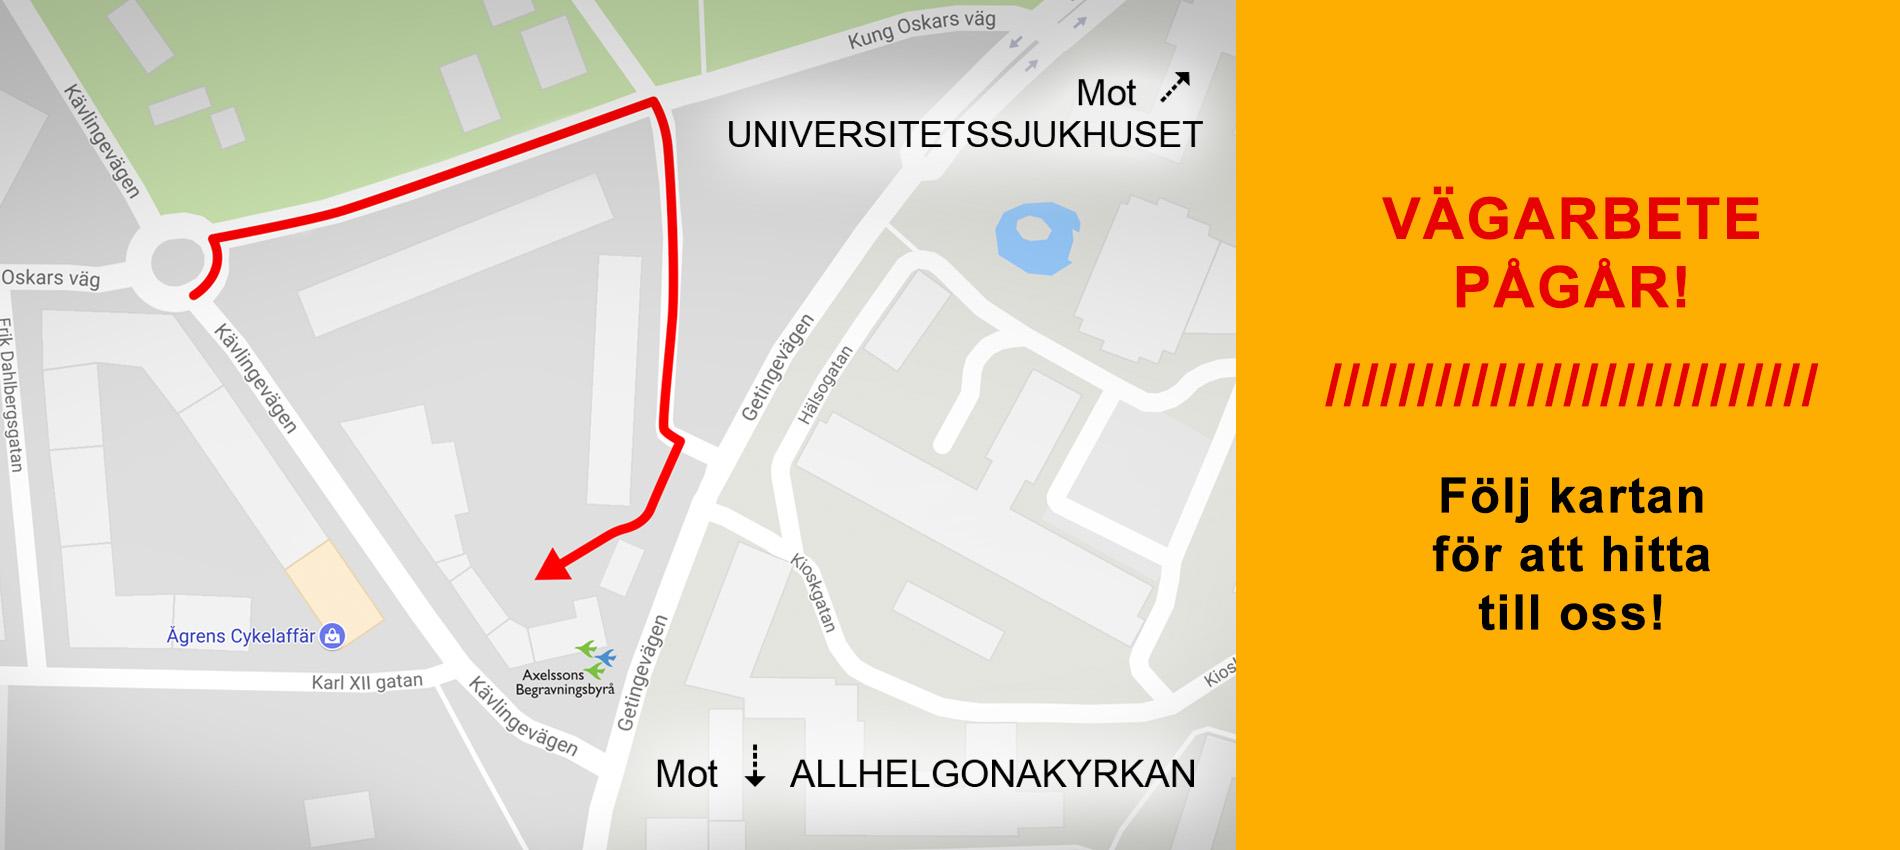 Axelssons Begravningsbyrå Lund: Hitta till oss